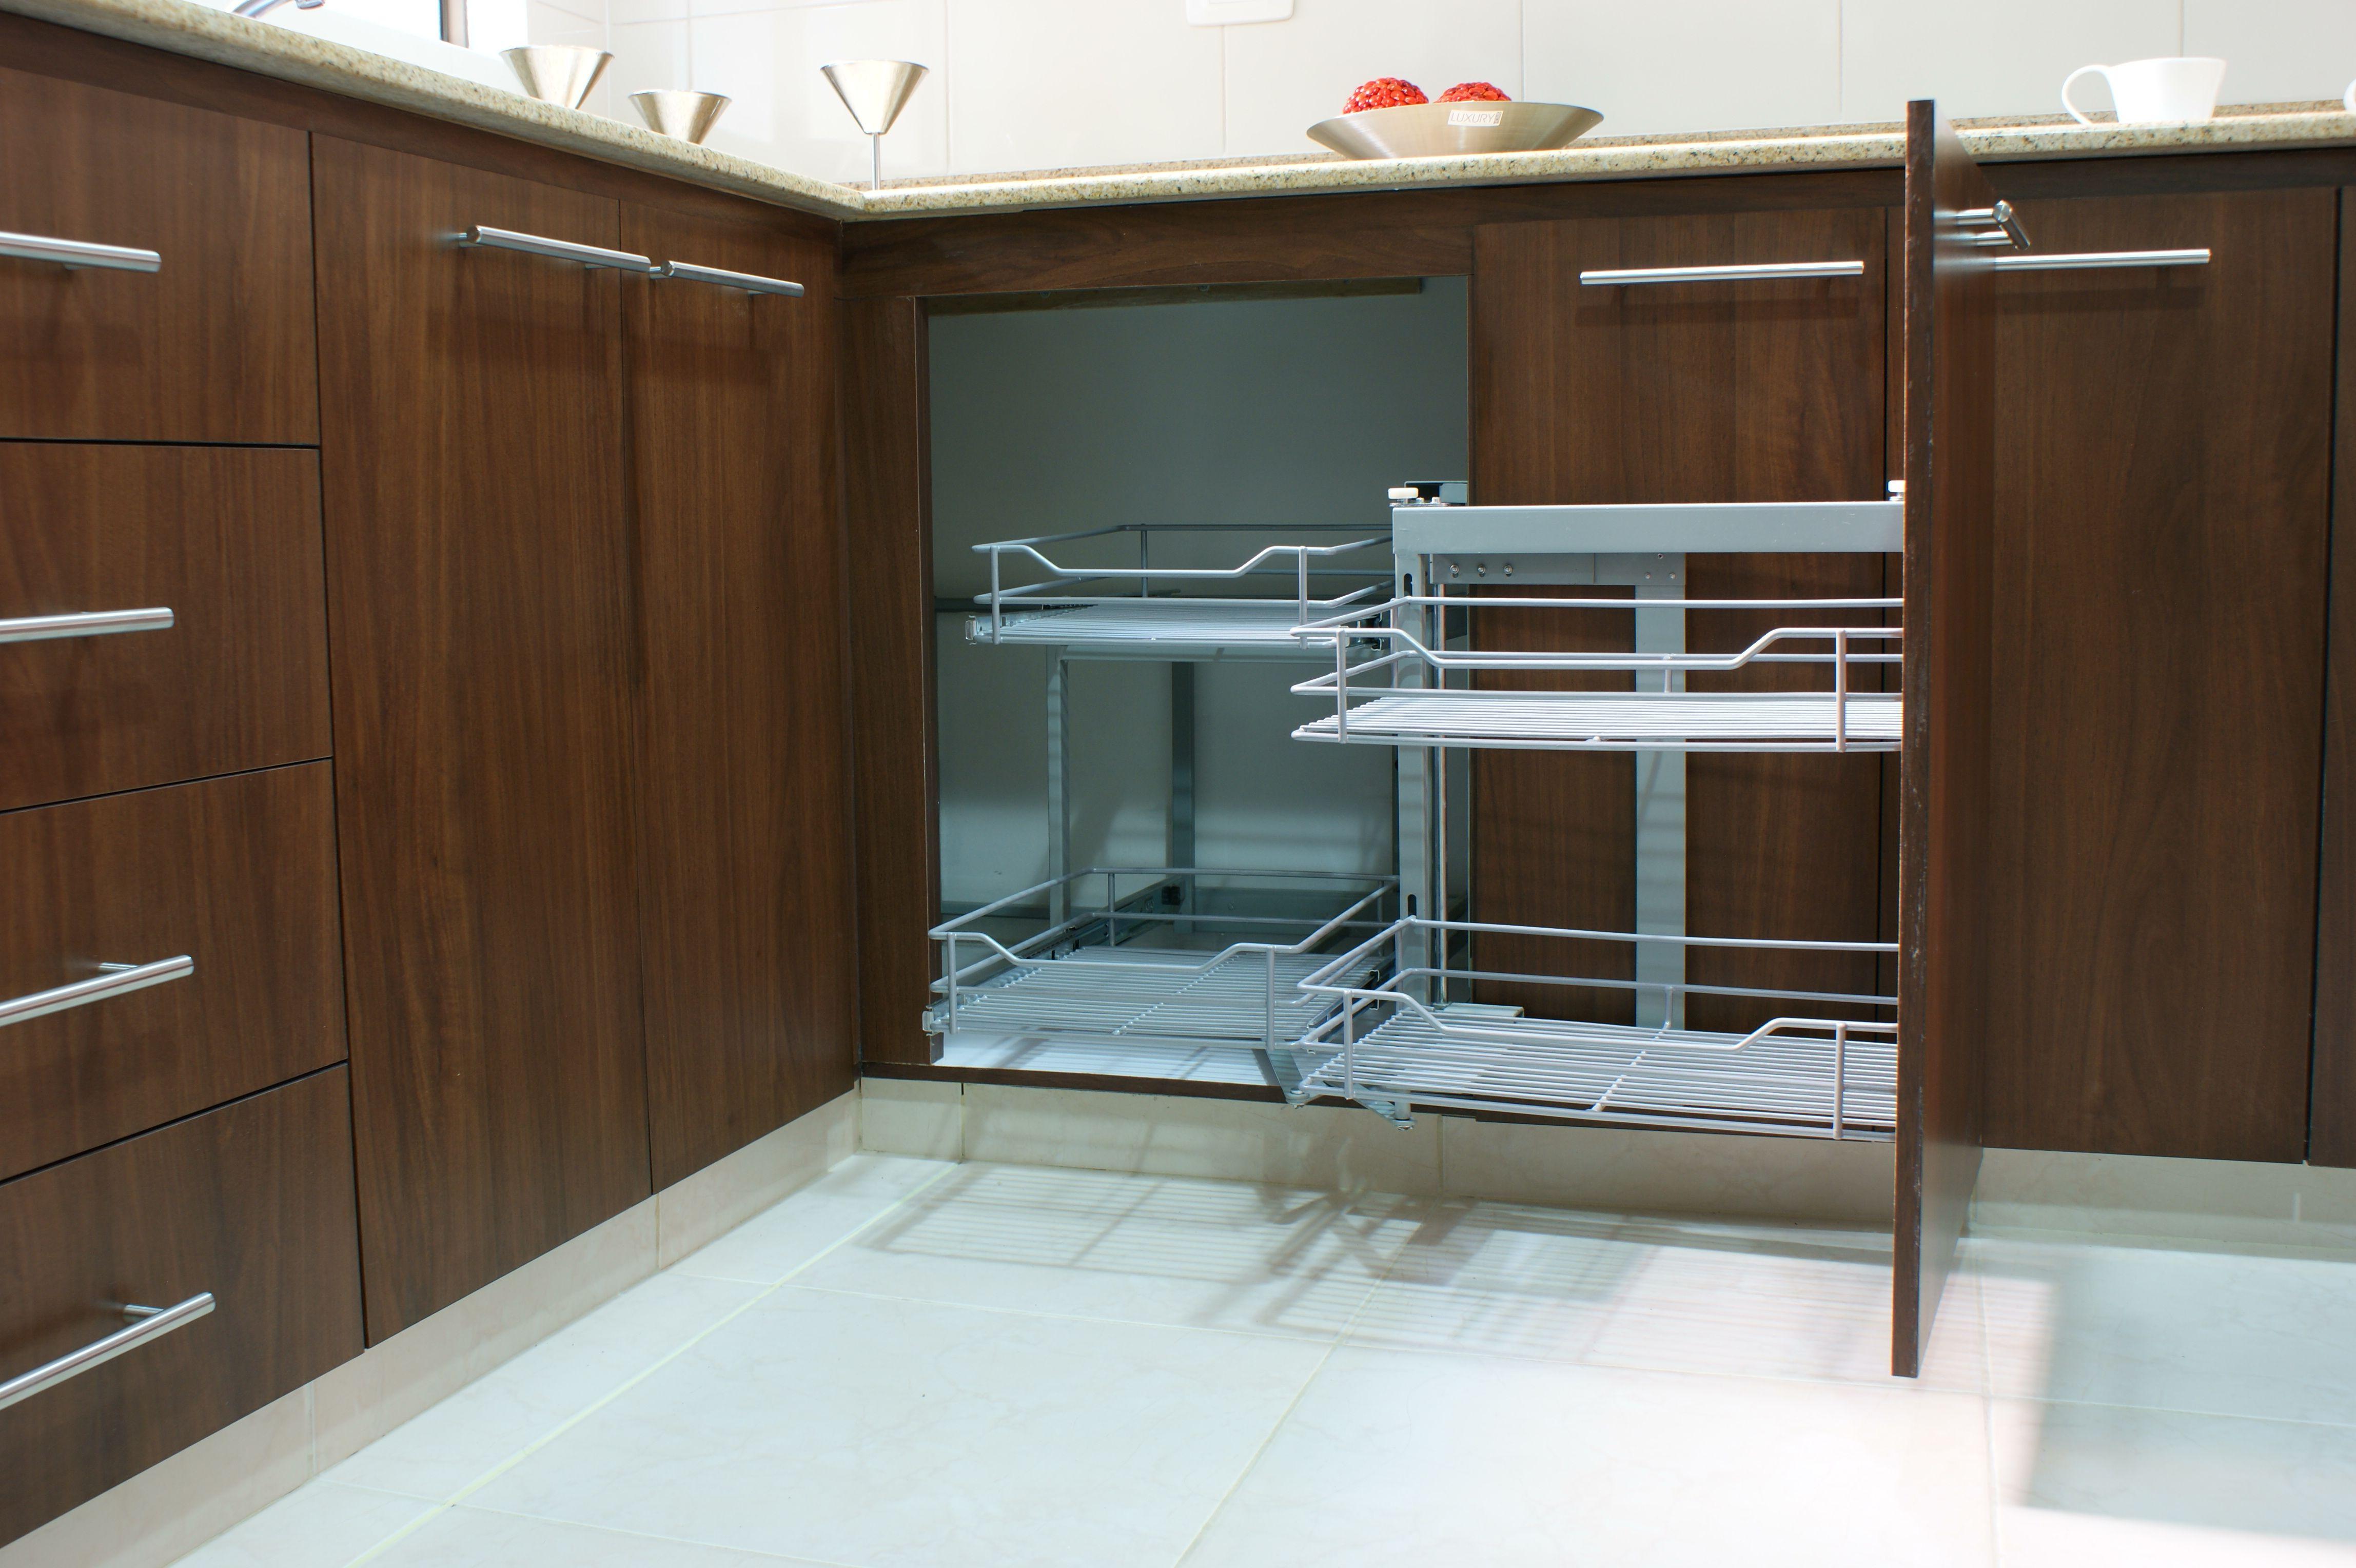 Cocina entrepuentes mueble inferior con herraje - Mueble para cocina ...